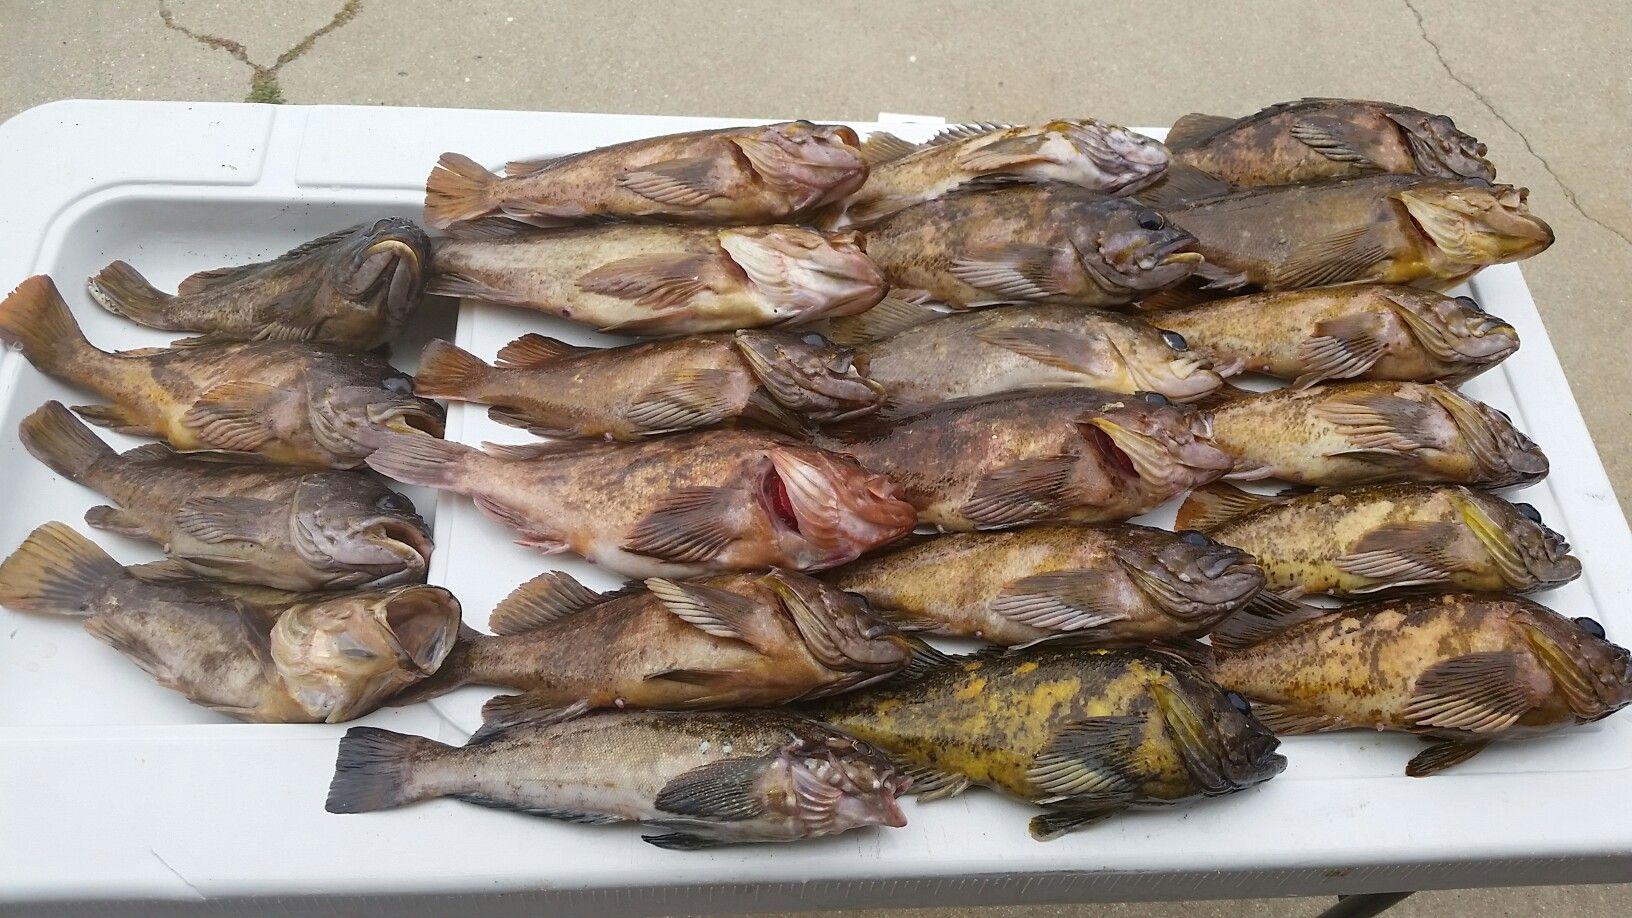 Kayak fishing fish pork food